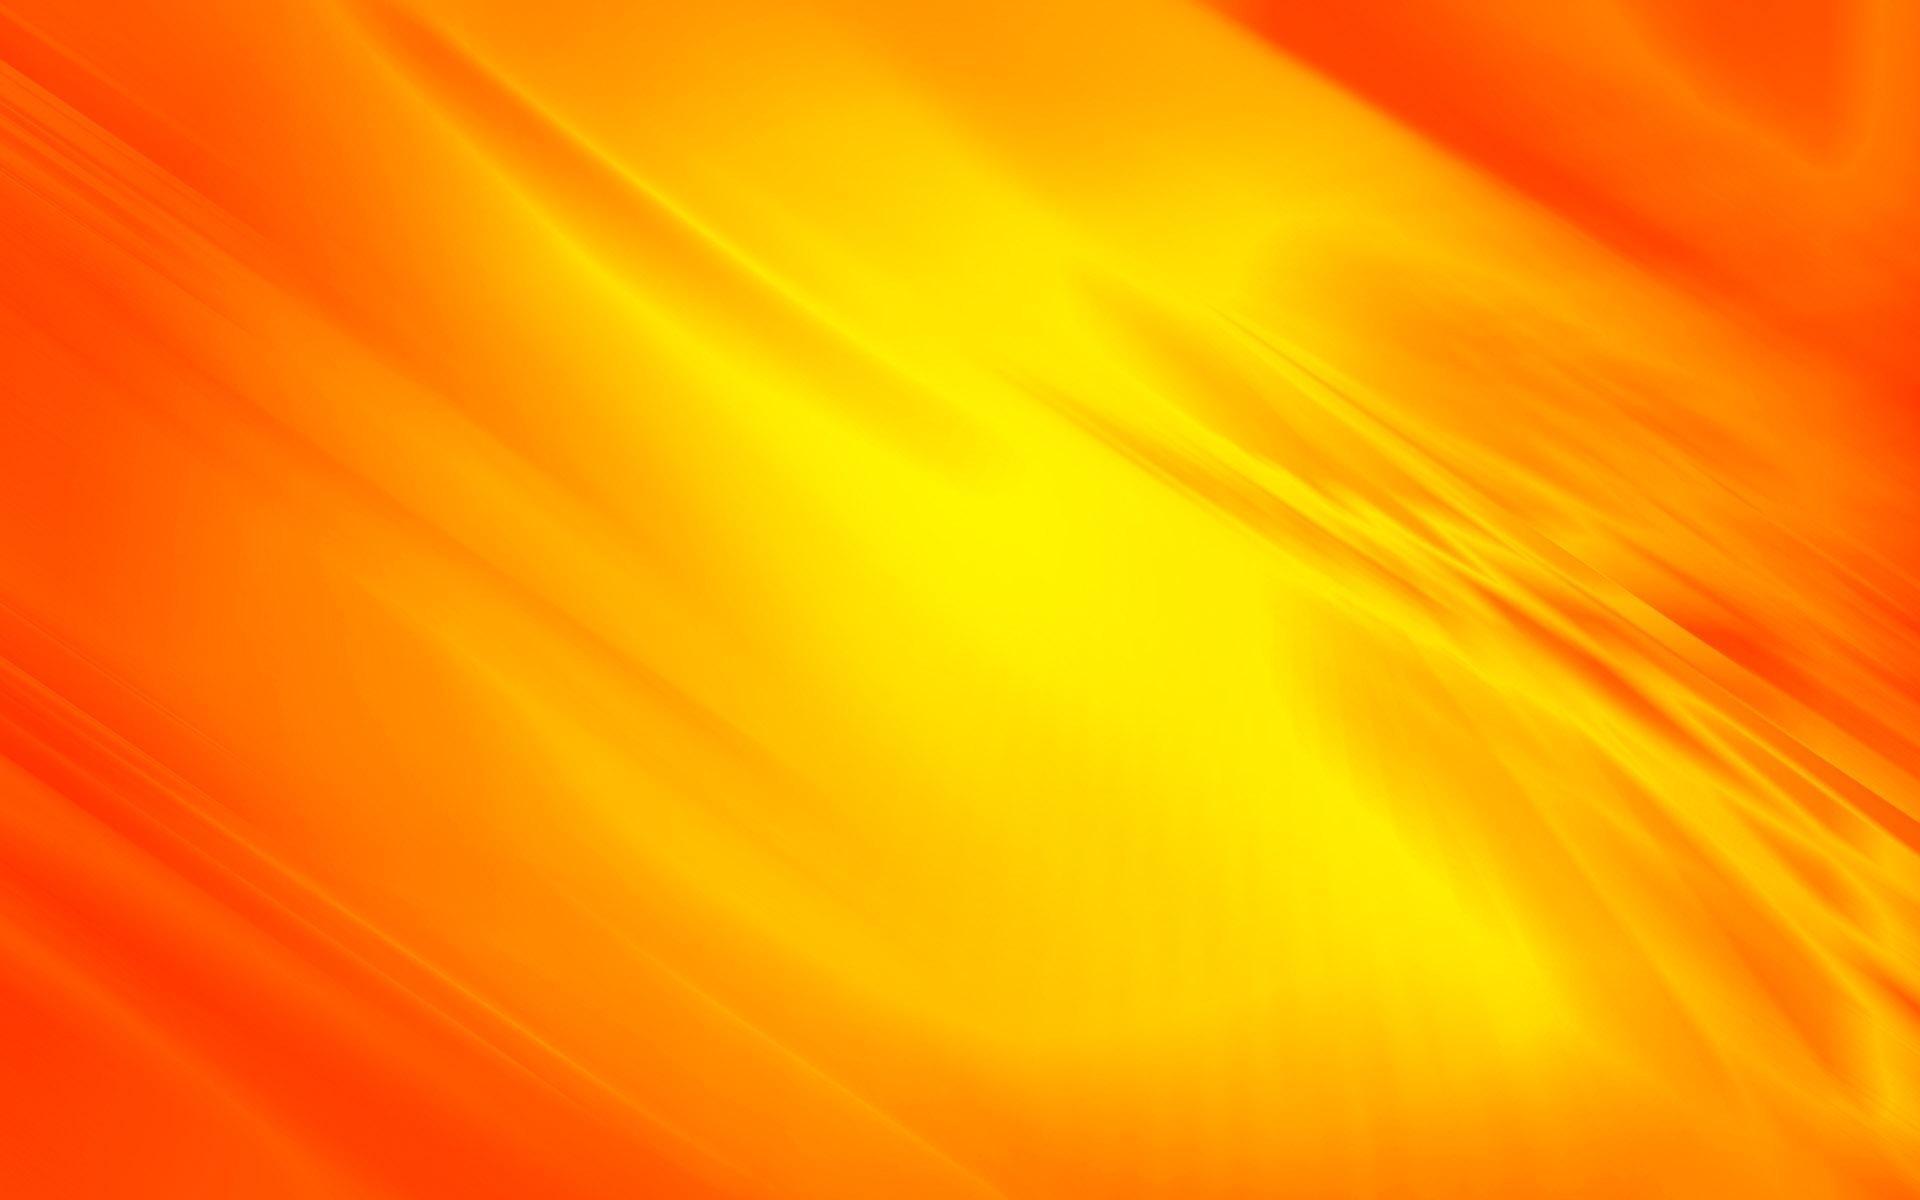 Hình nền vàng cam đường cong mượt mà